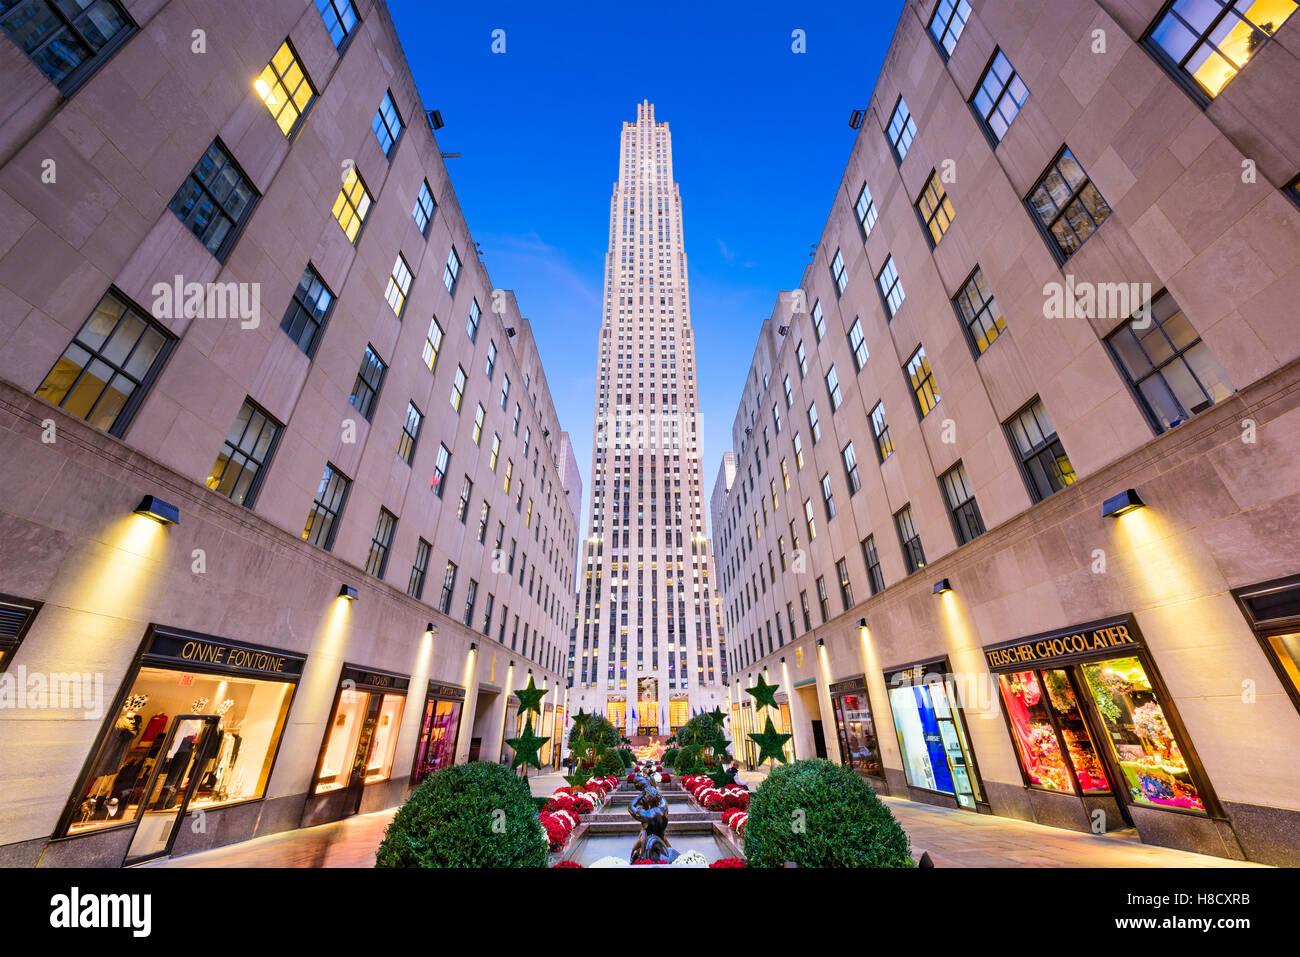 NEW YORK CITY - 2. November 2016: Rockefeller Center in New York. Das Kulturdenkmal wurde im Jahr 1939 abgeschlossen. Stockbild